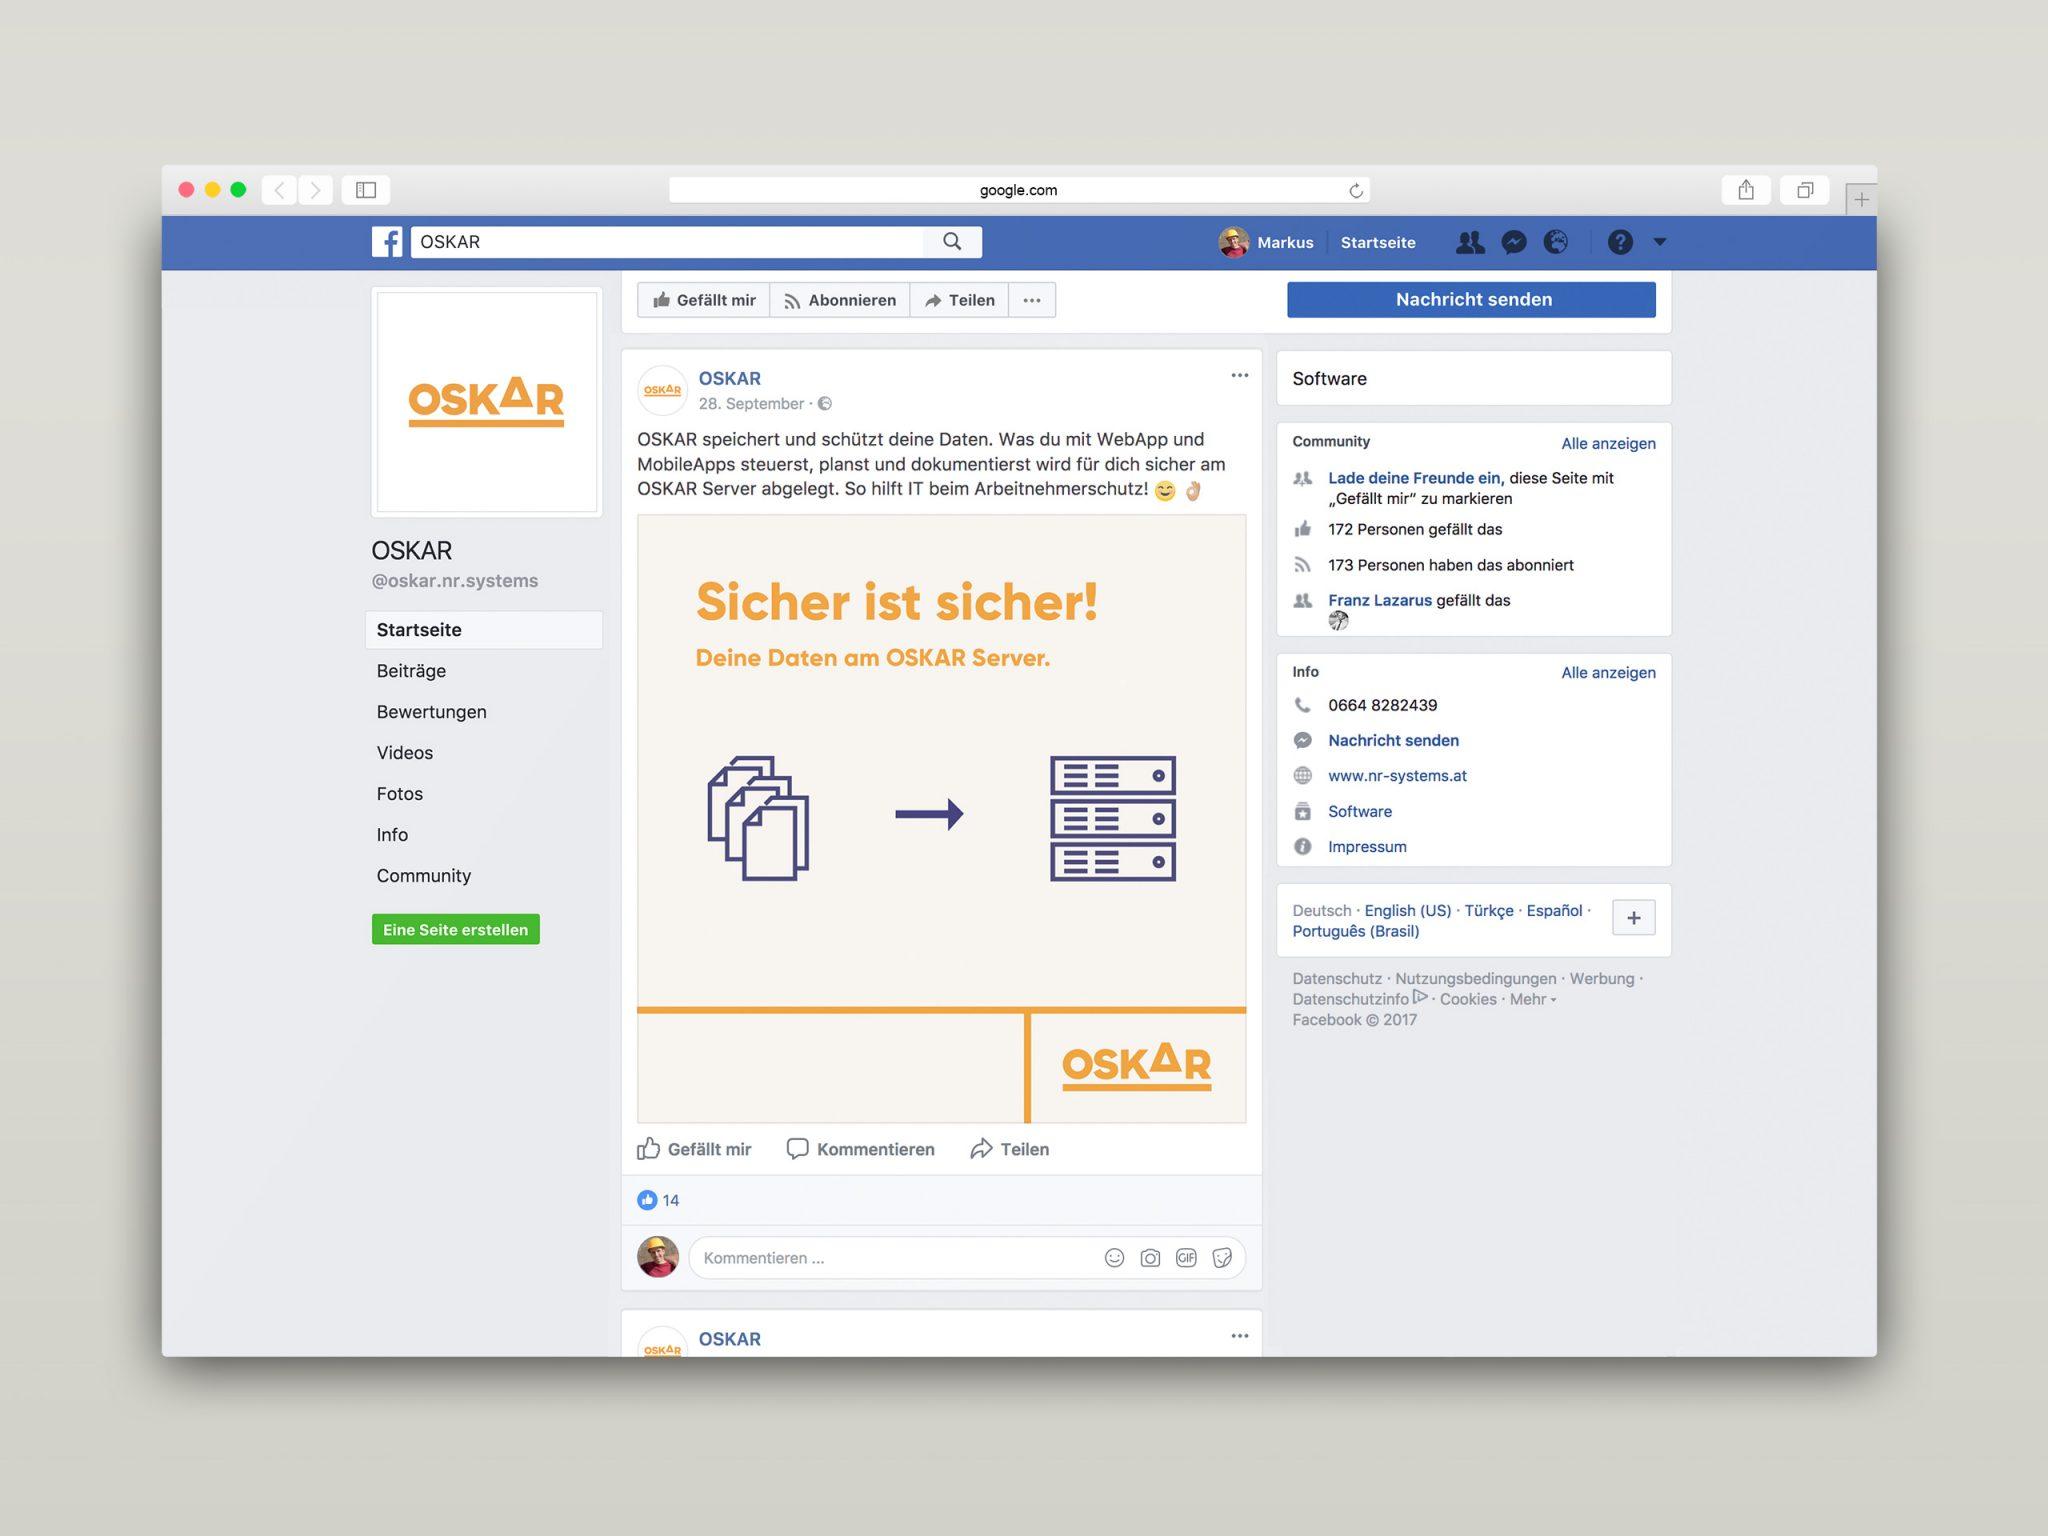 OSK-Facebook-Browser-02_content04